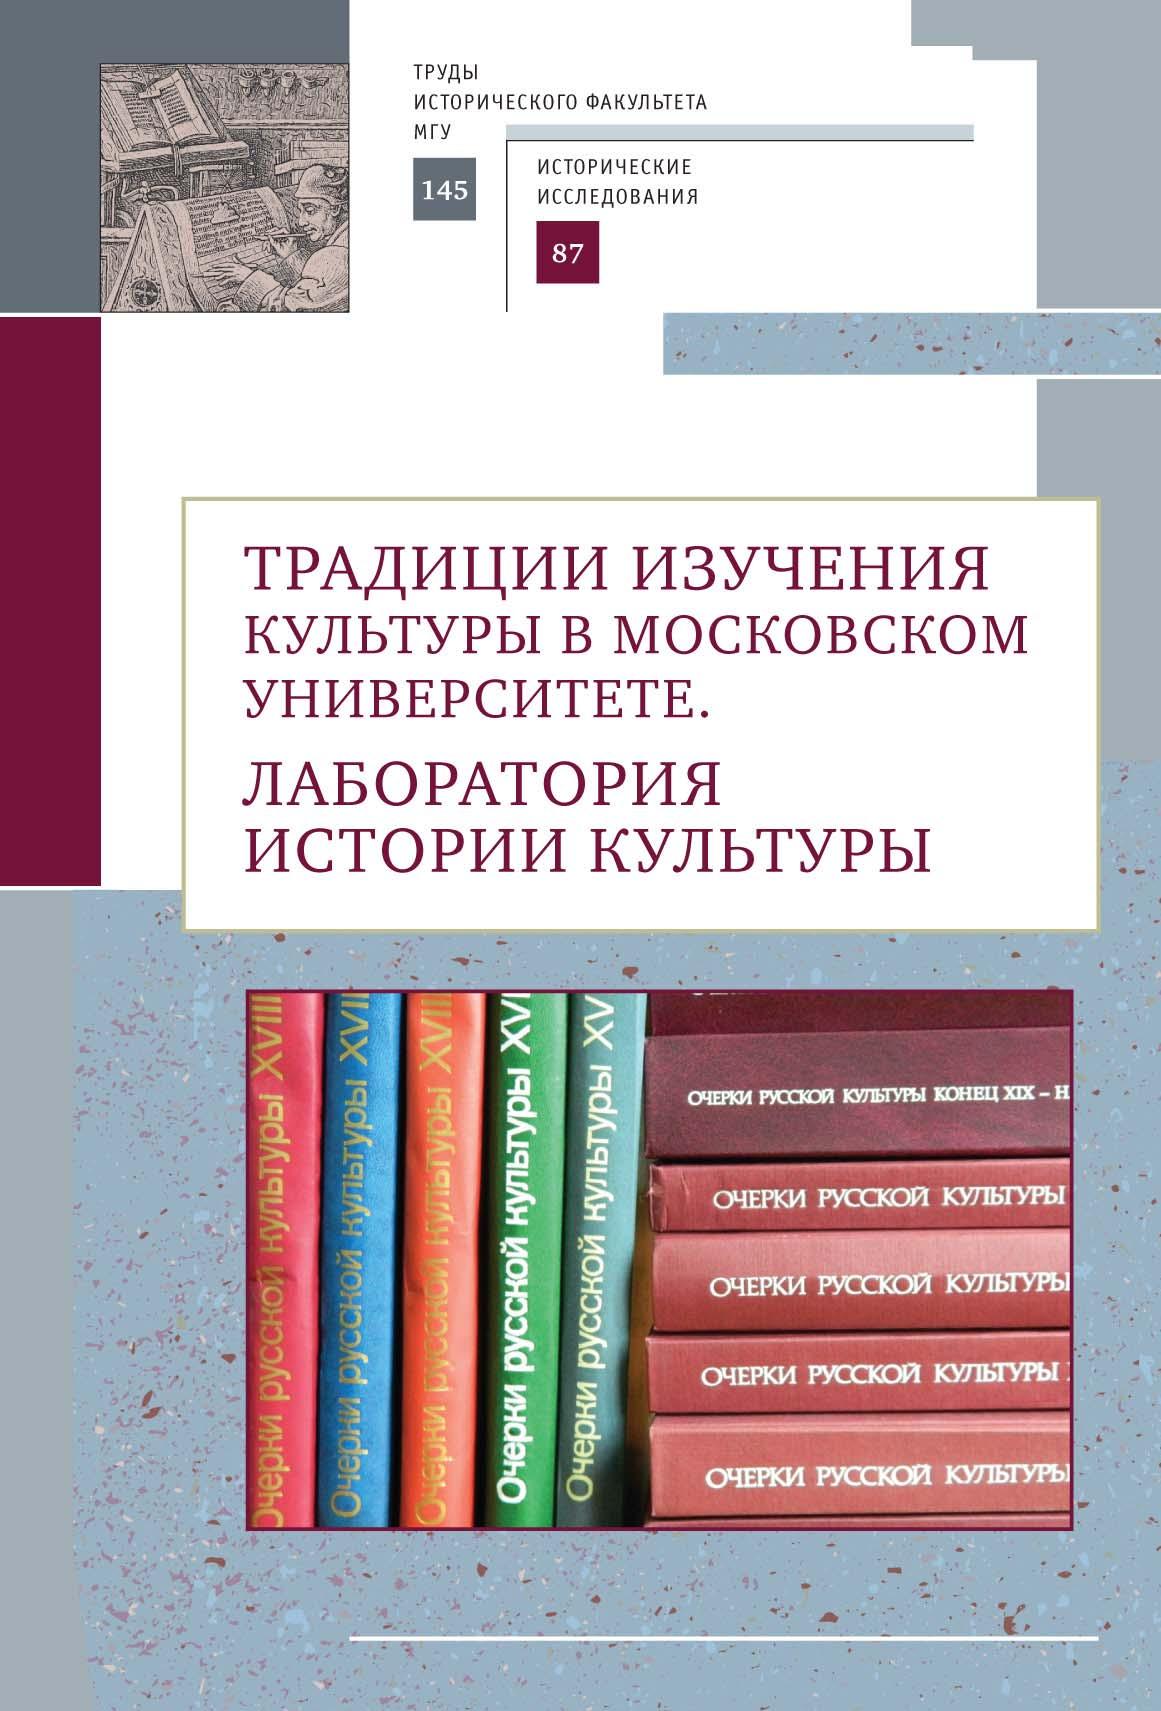 Традиции изучения культуры в Московском университете. Лаборатория истории культуры фото